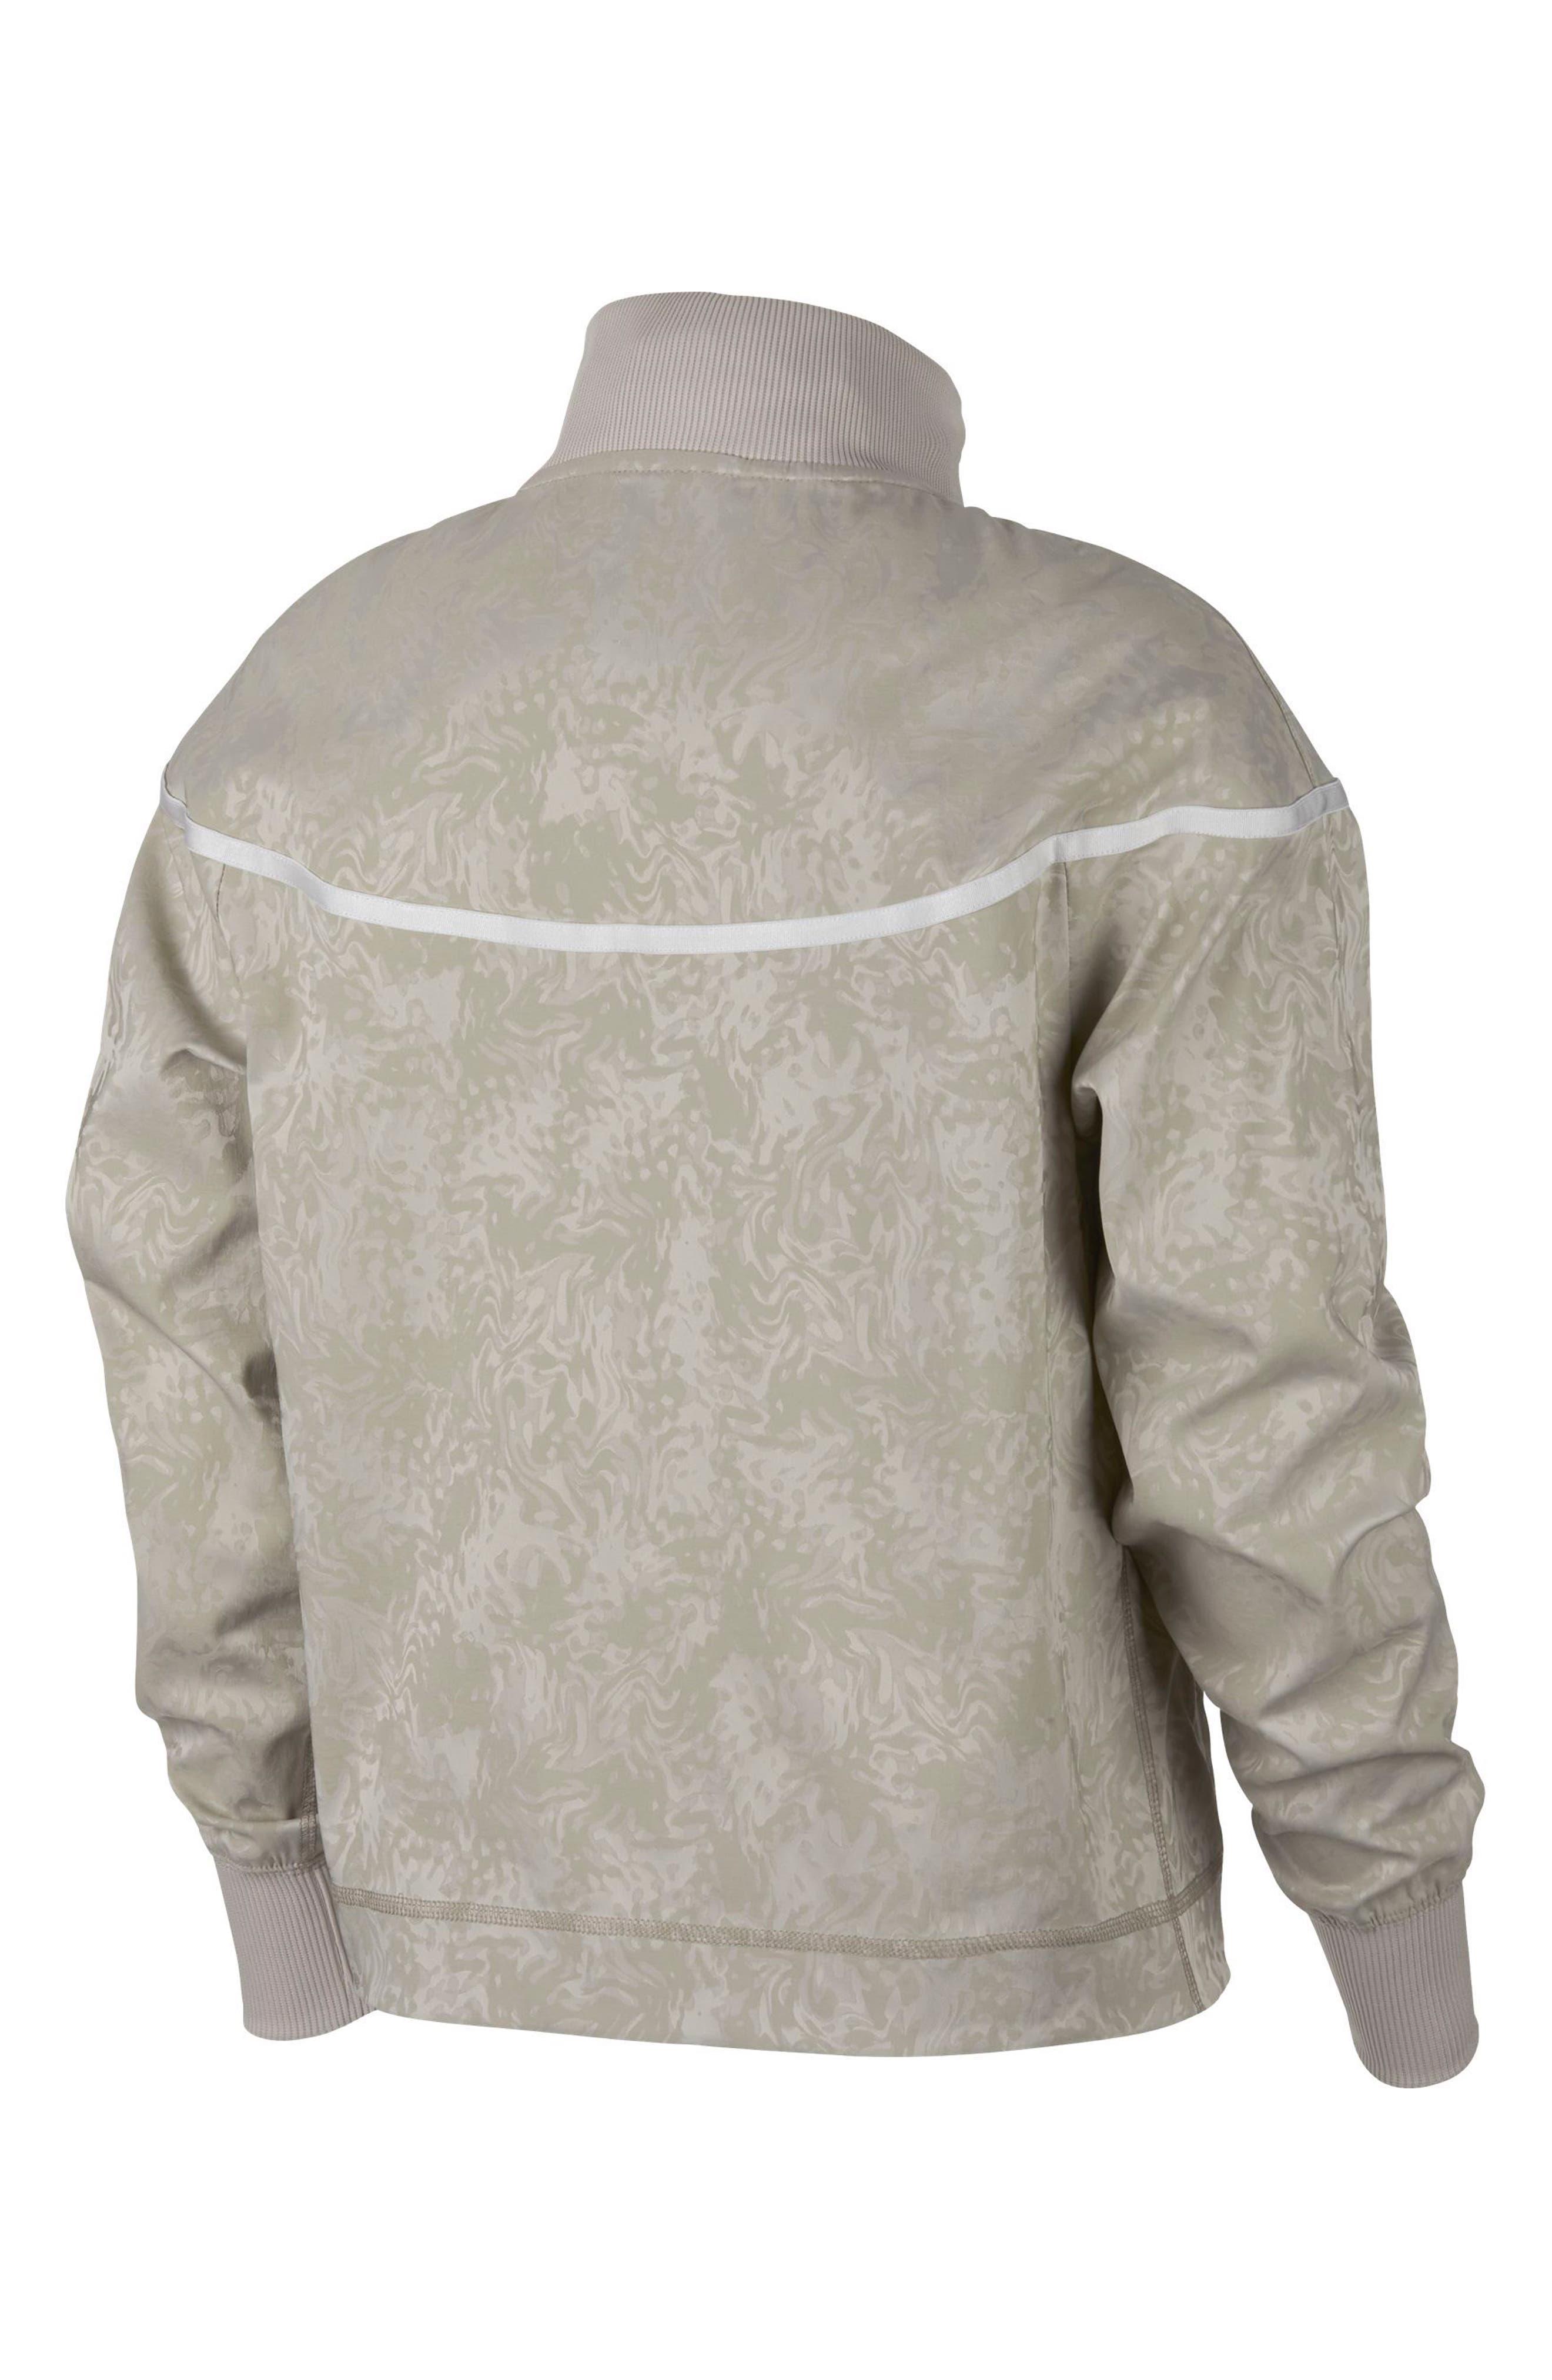 Sportswear NSW Women's Track Jacket,                             Alternate thumbnail 7, color,                             201